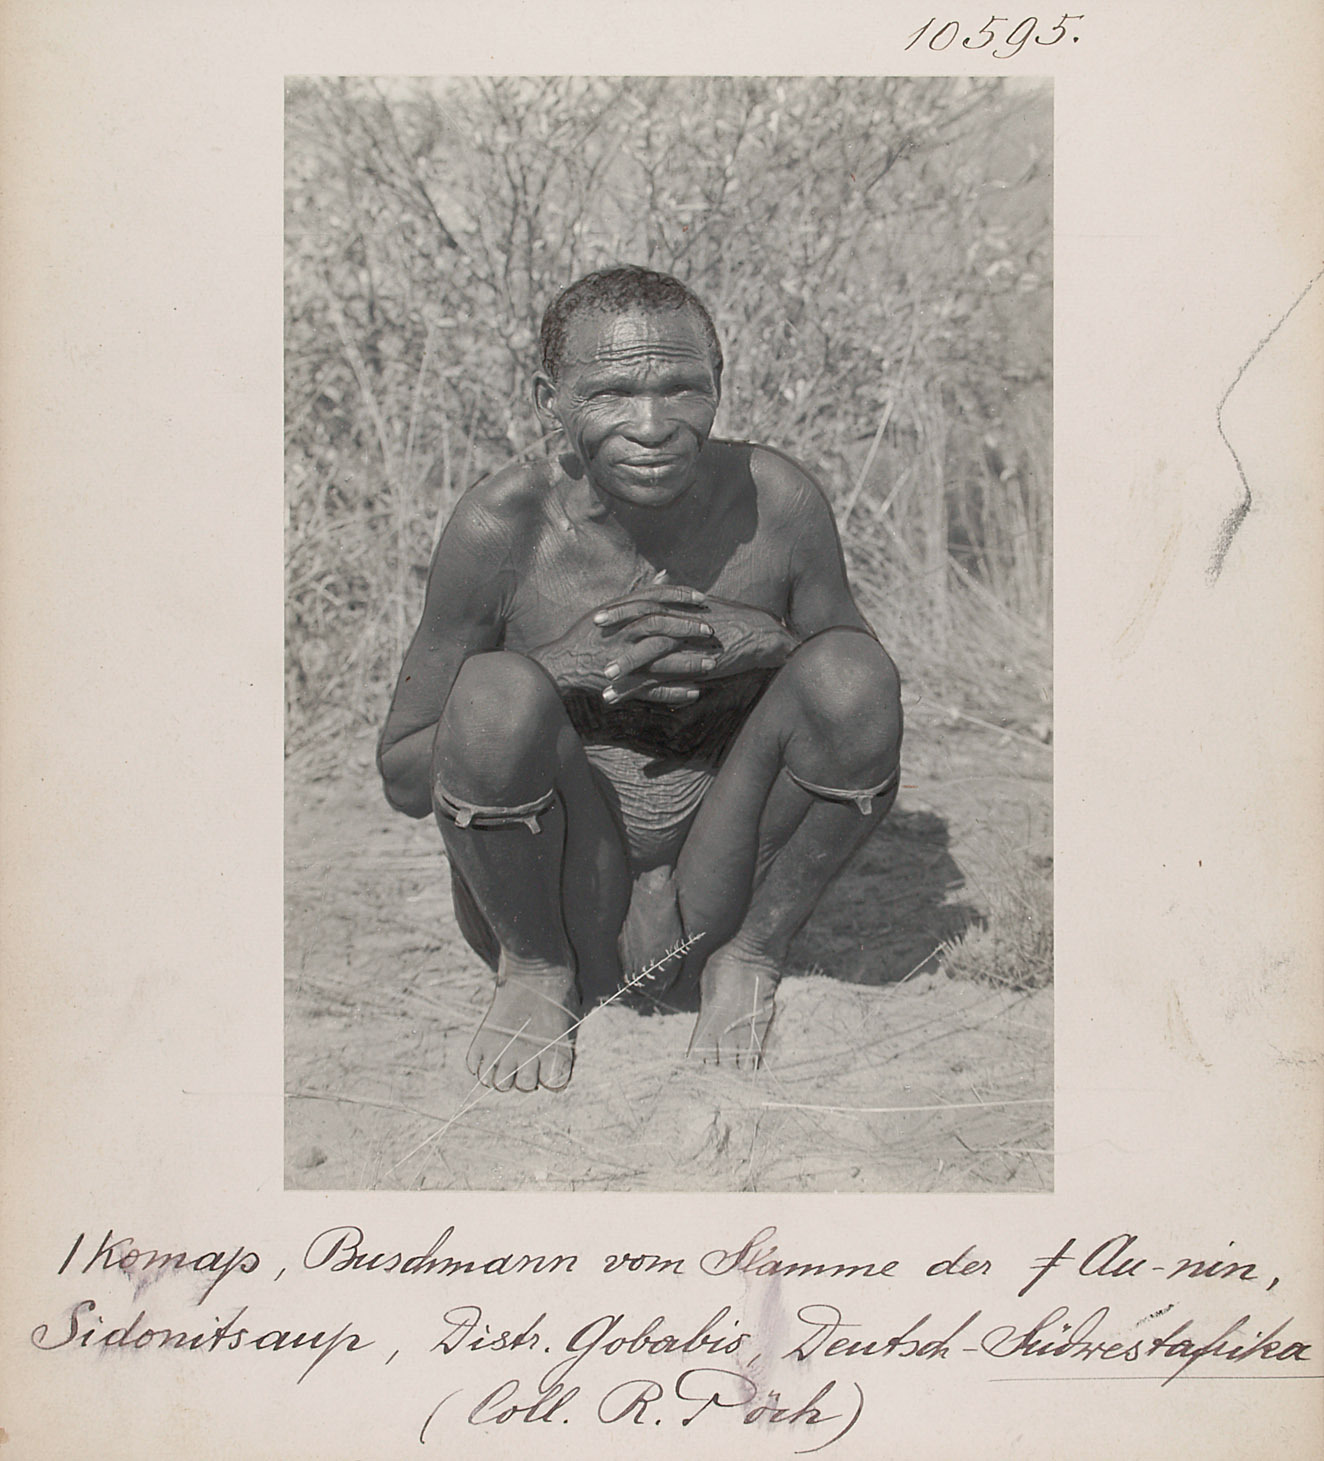 / Komap, San der ǂ Au-nin, Sidonitsaup, Distr. Gobabis, Deutsch-Südwestafrika von Rudolf Pöch